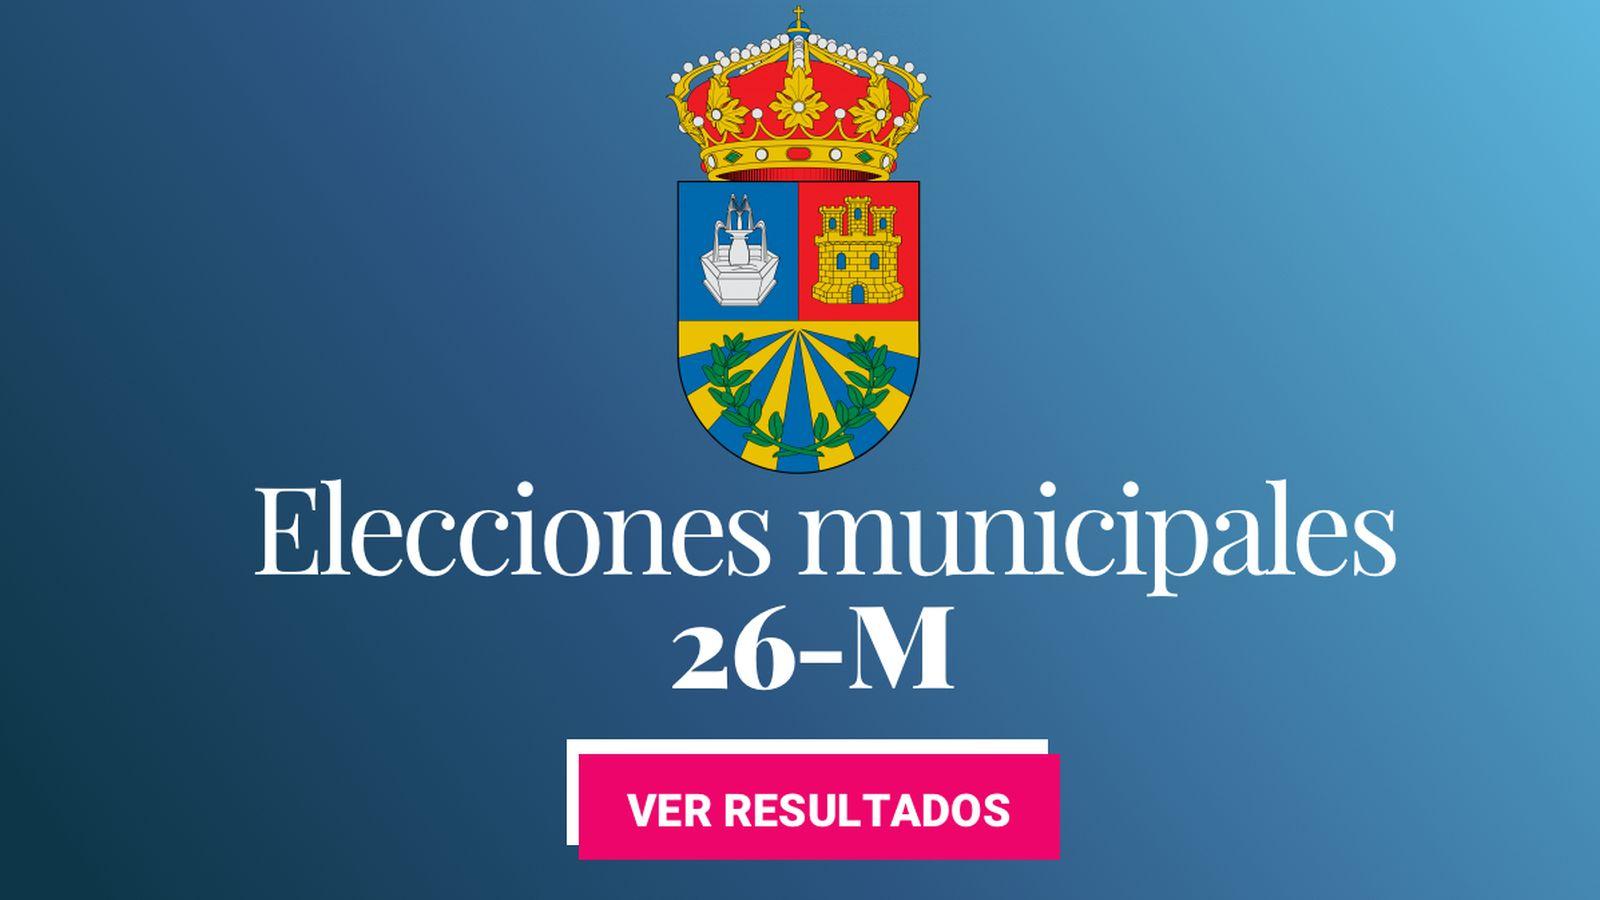 Foto: Elecciones municipales 2019 en Fuenlabrada. (C.C./EC)